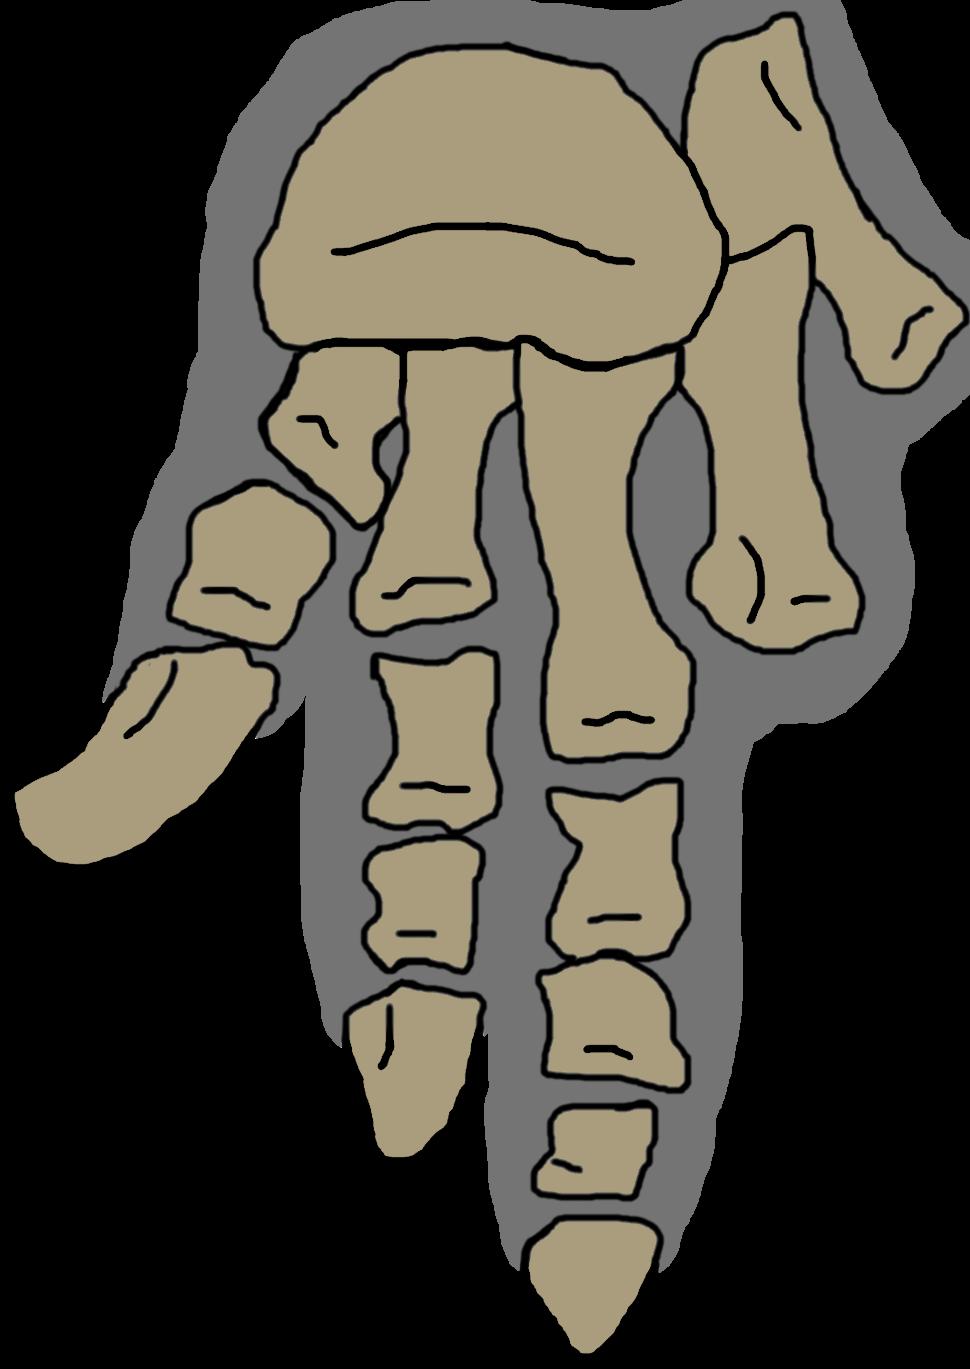 Vulcanodon pes